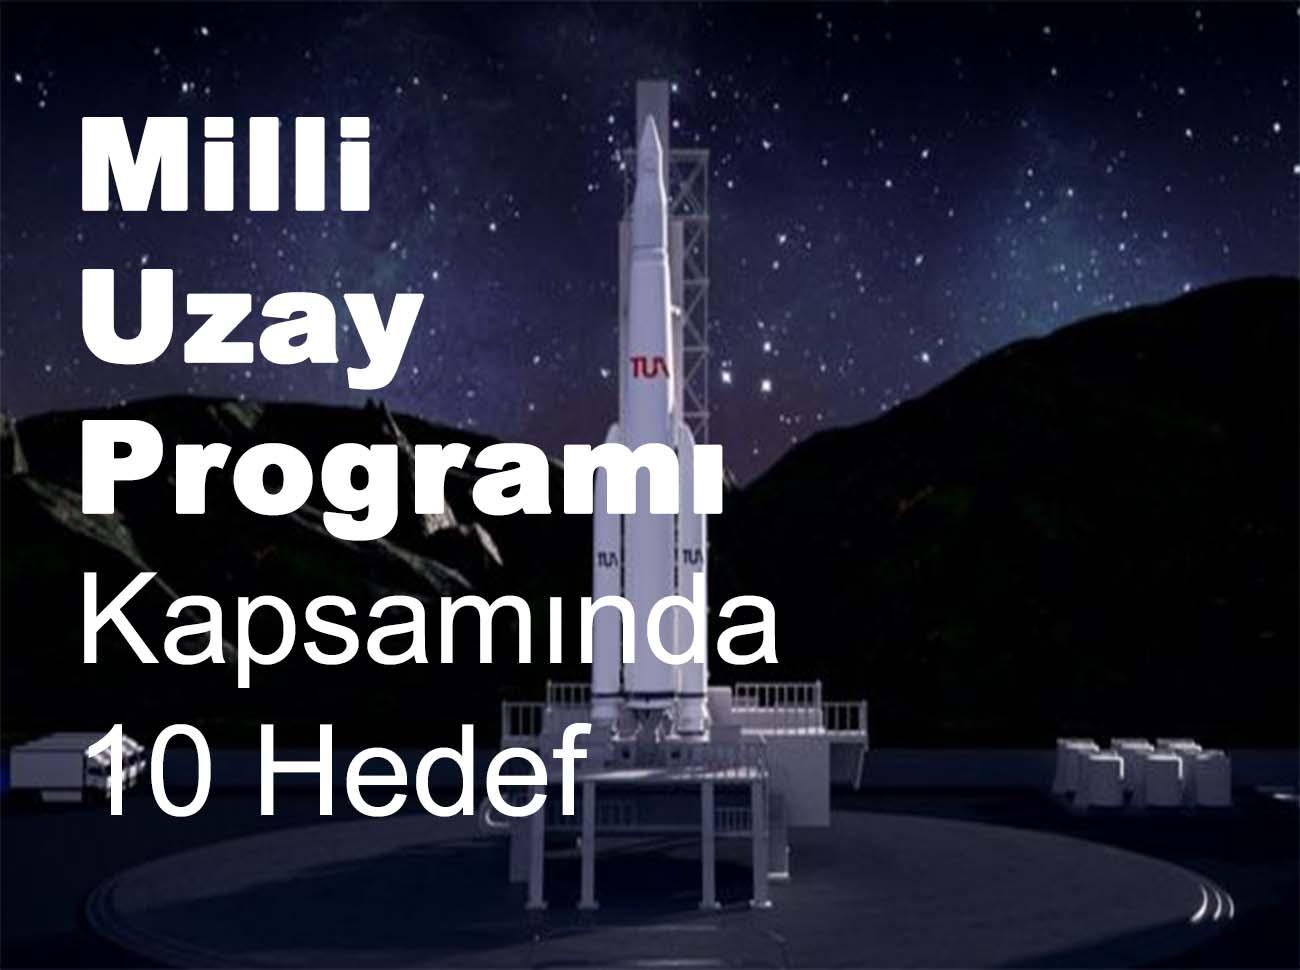 Milli Uzay Programı Kapsamında 10 Hedef